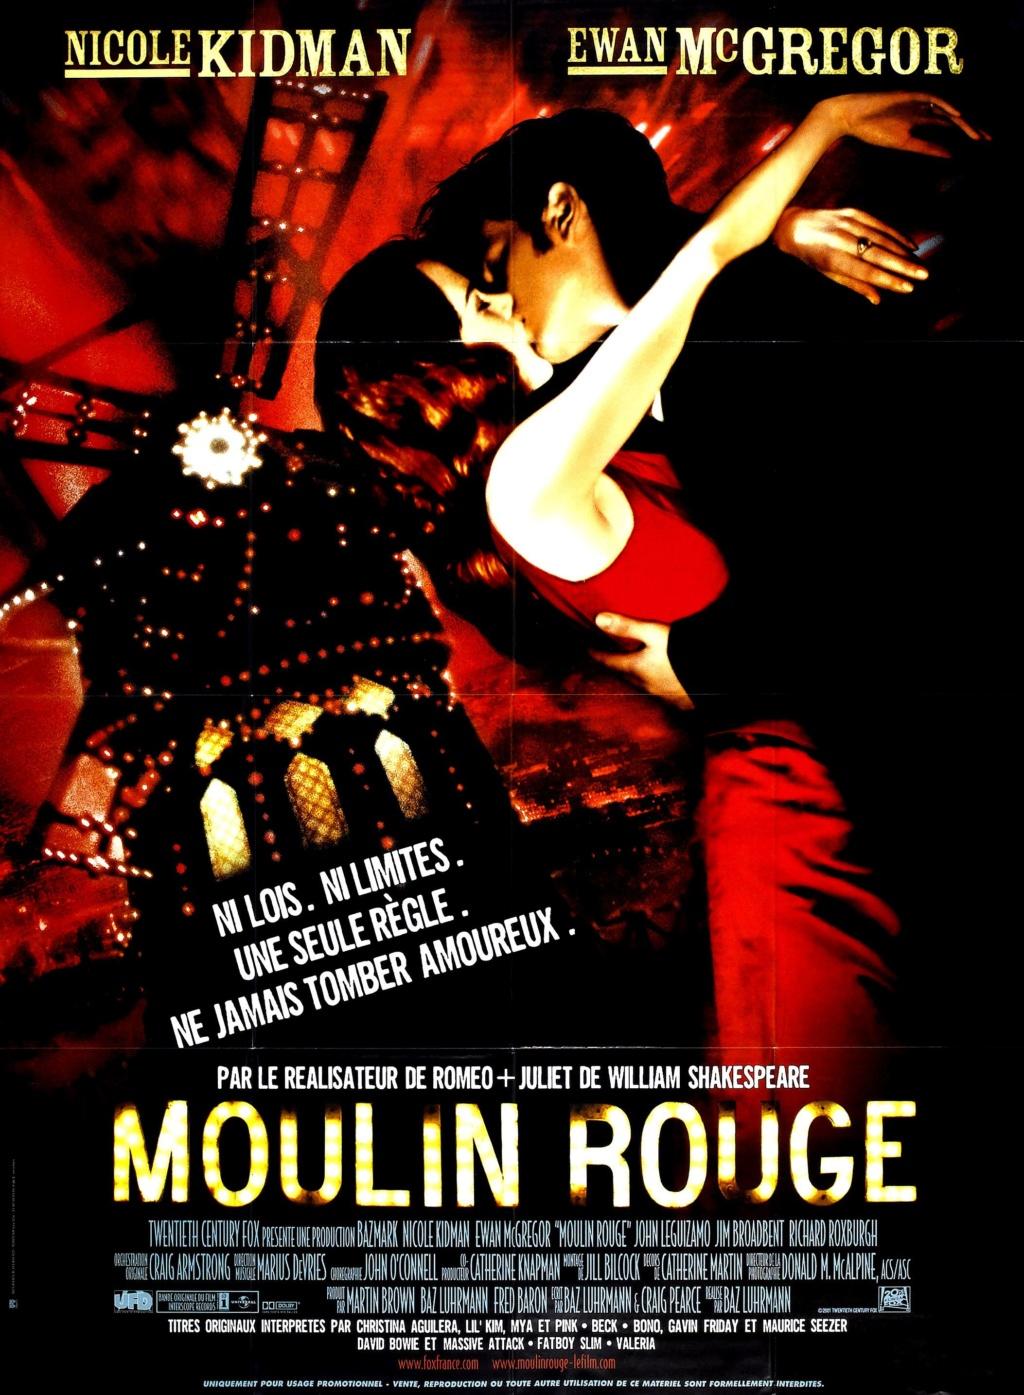 Les plus belles affiches de cinéma - Page 6 Moulin10